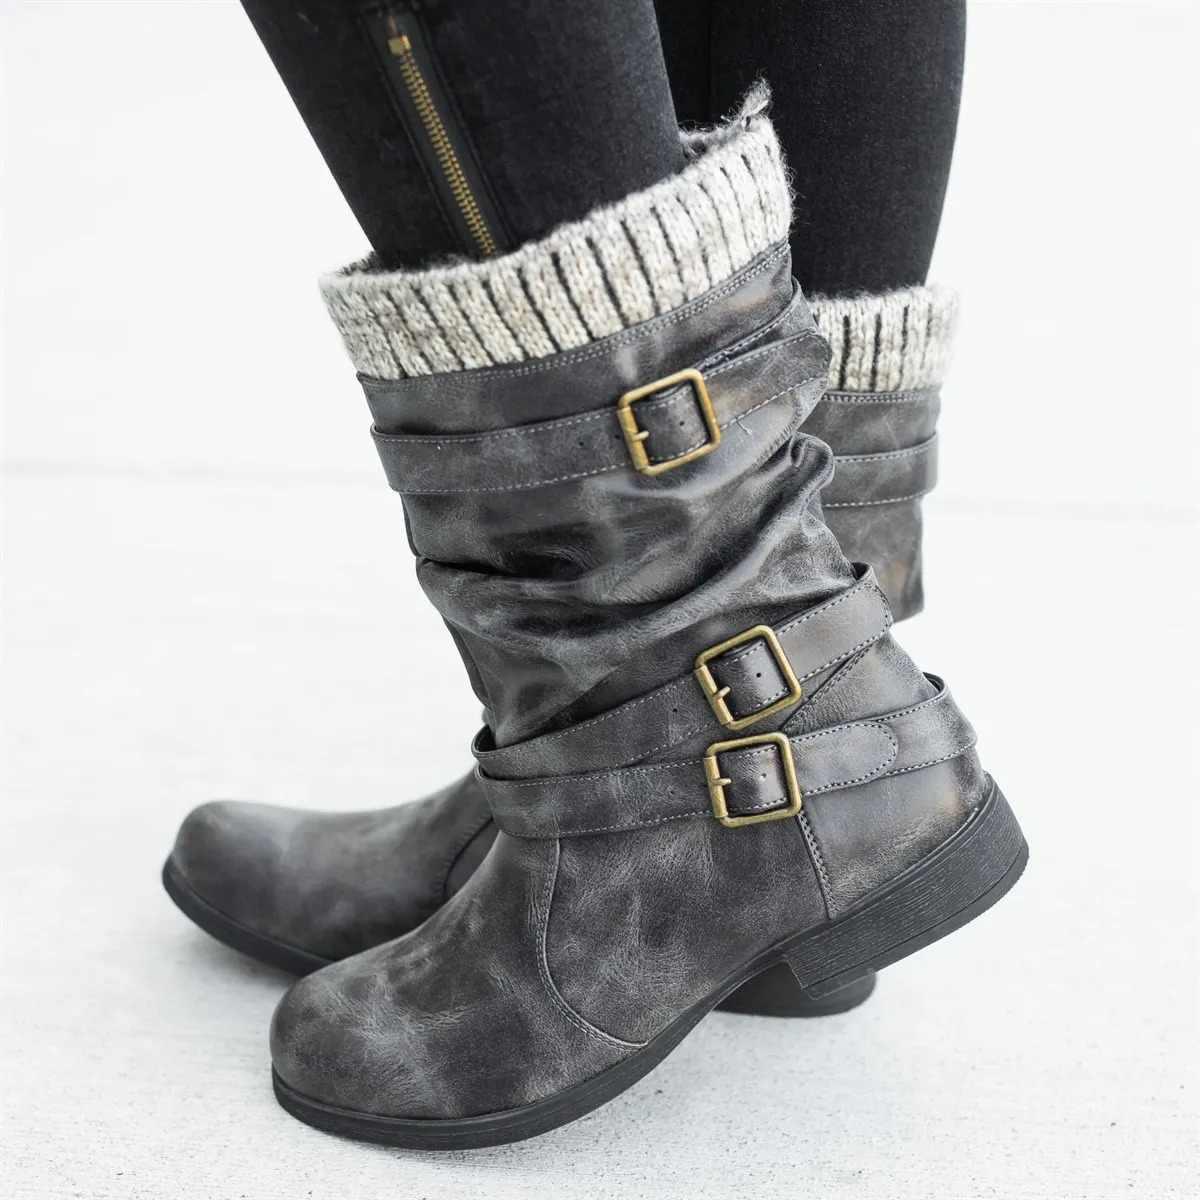 Wenyujh Mùa Đông 2019 Giày Giày Bốt Nữ Mới Khóa Len Trang Trí Chắc Chắn Giữa Da Bê Dày Giày Boot Cao Gót Ấm Áp giày Nữ